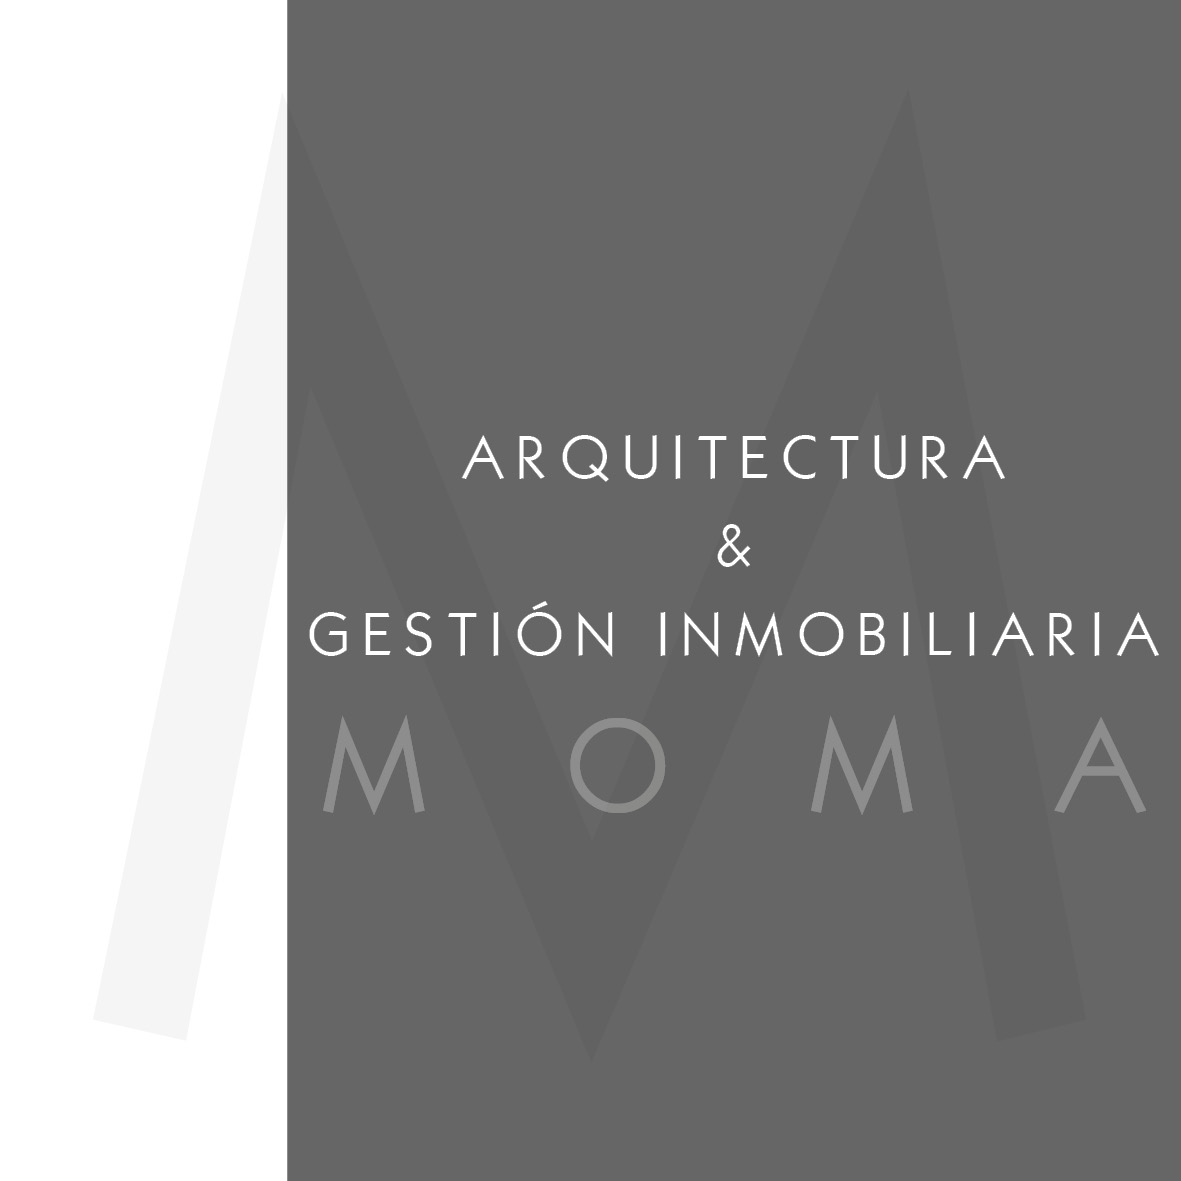 Moma Arquitectura & Gestión Inmobiliaria